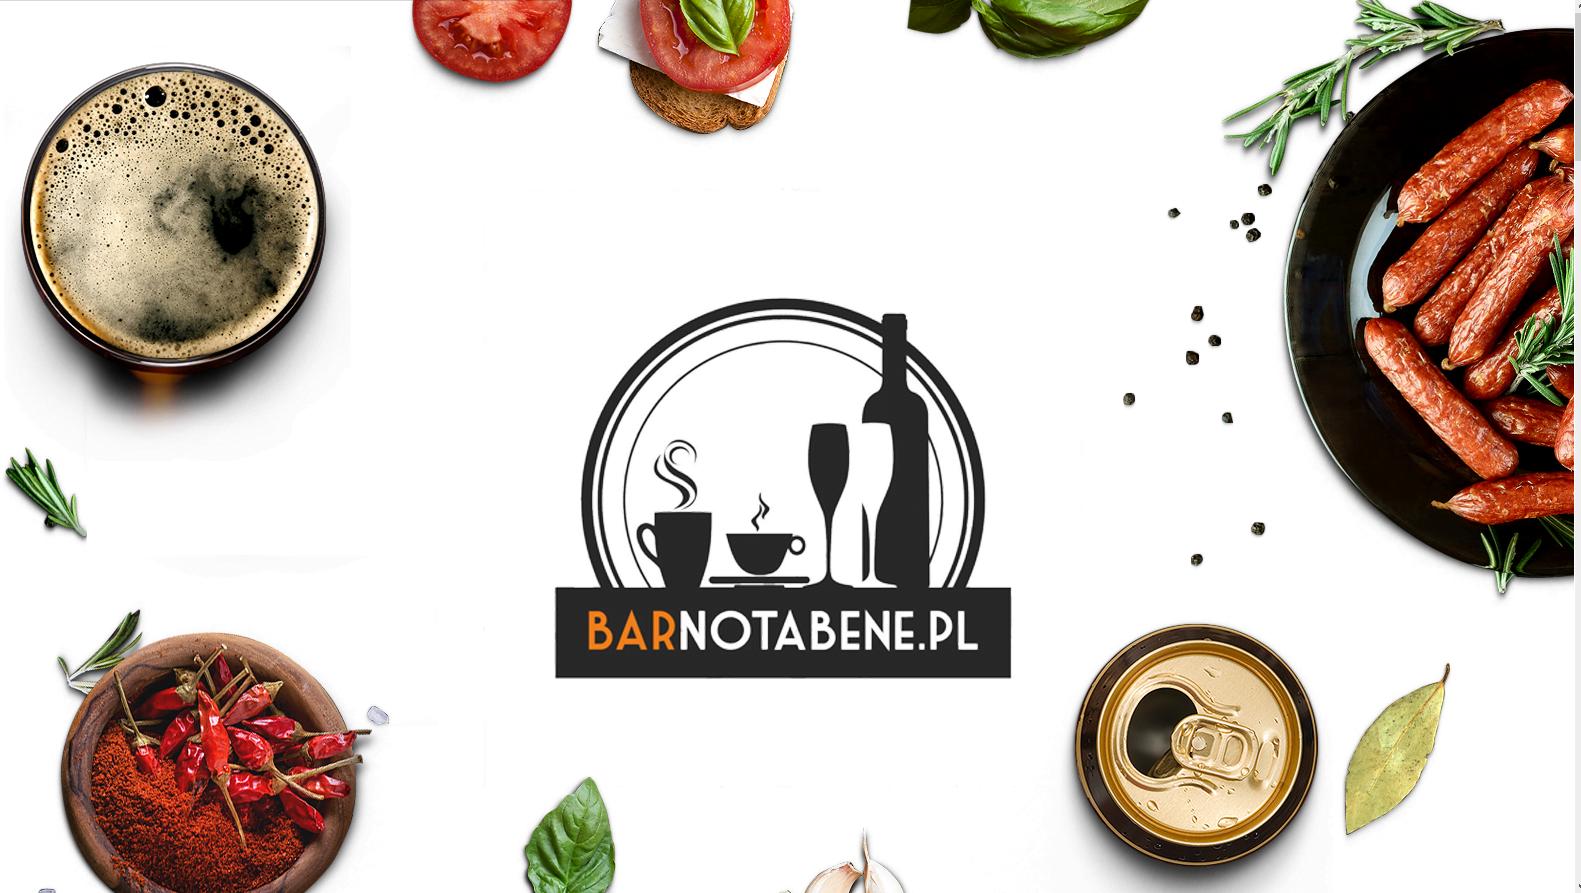 projekt strony intenetowej barnotabene.pl